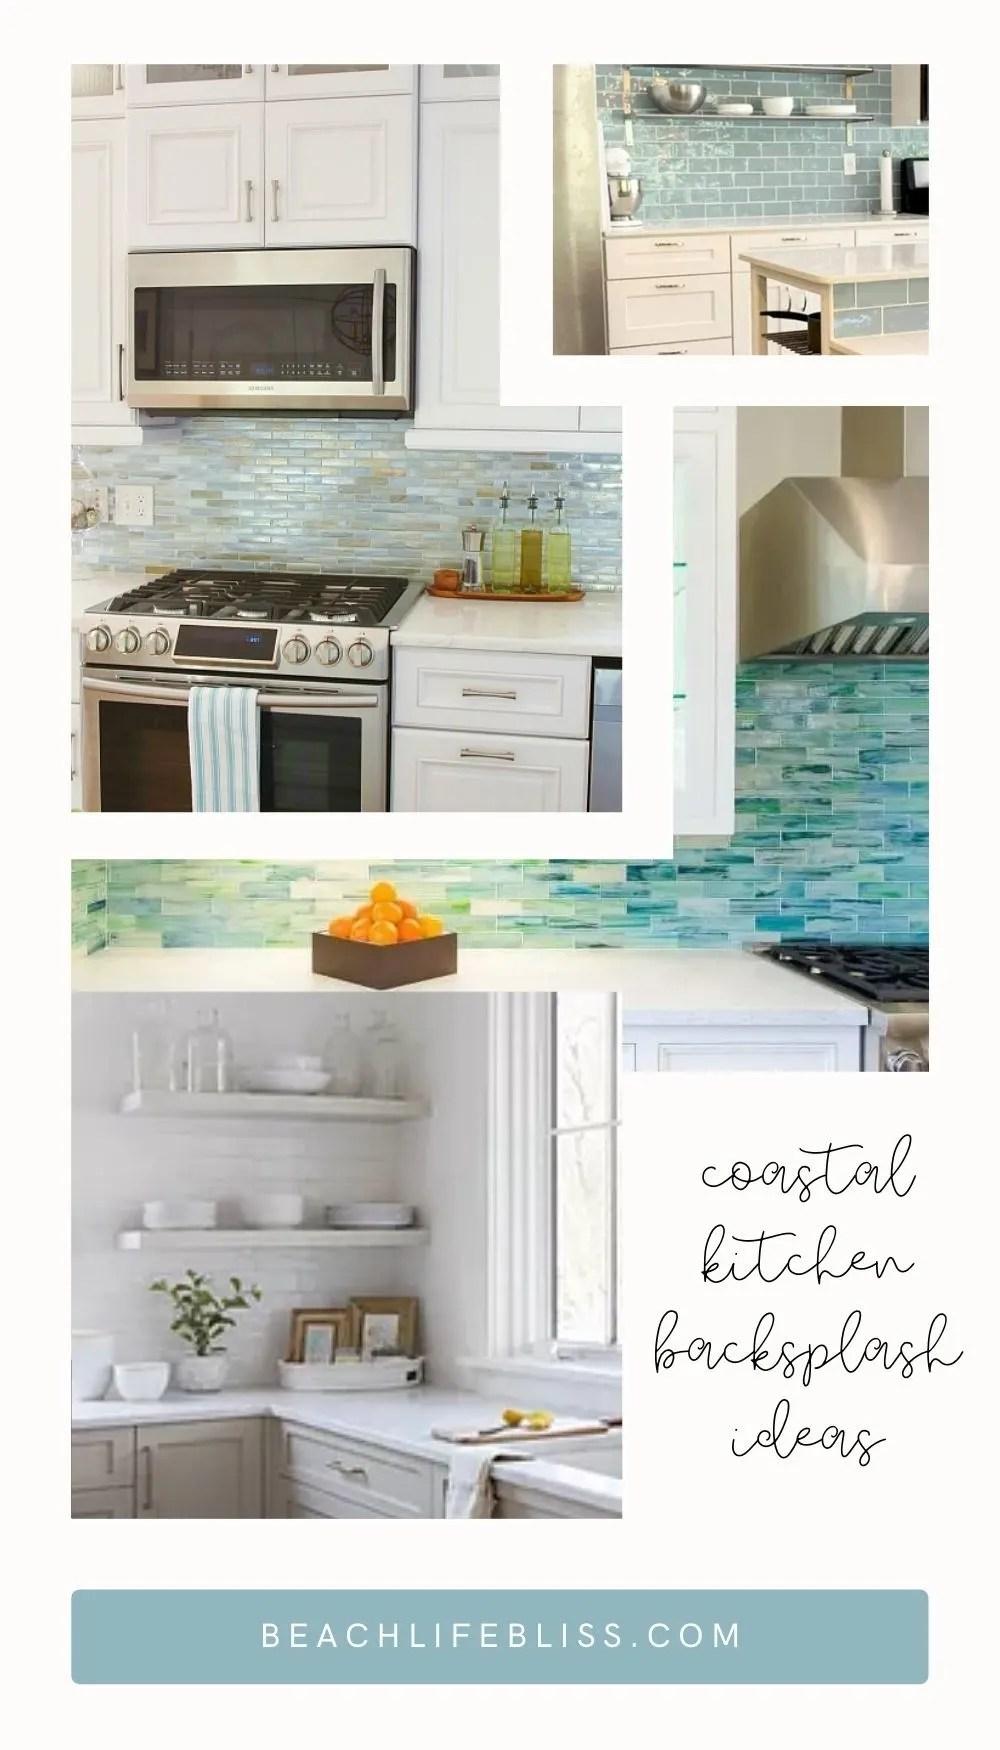 https beachlifebliss com beach decor coastal kitchen backsplash ideas